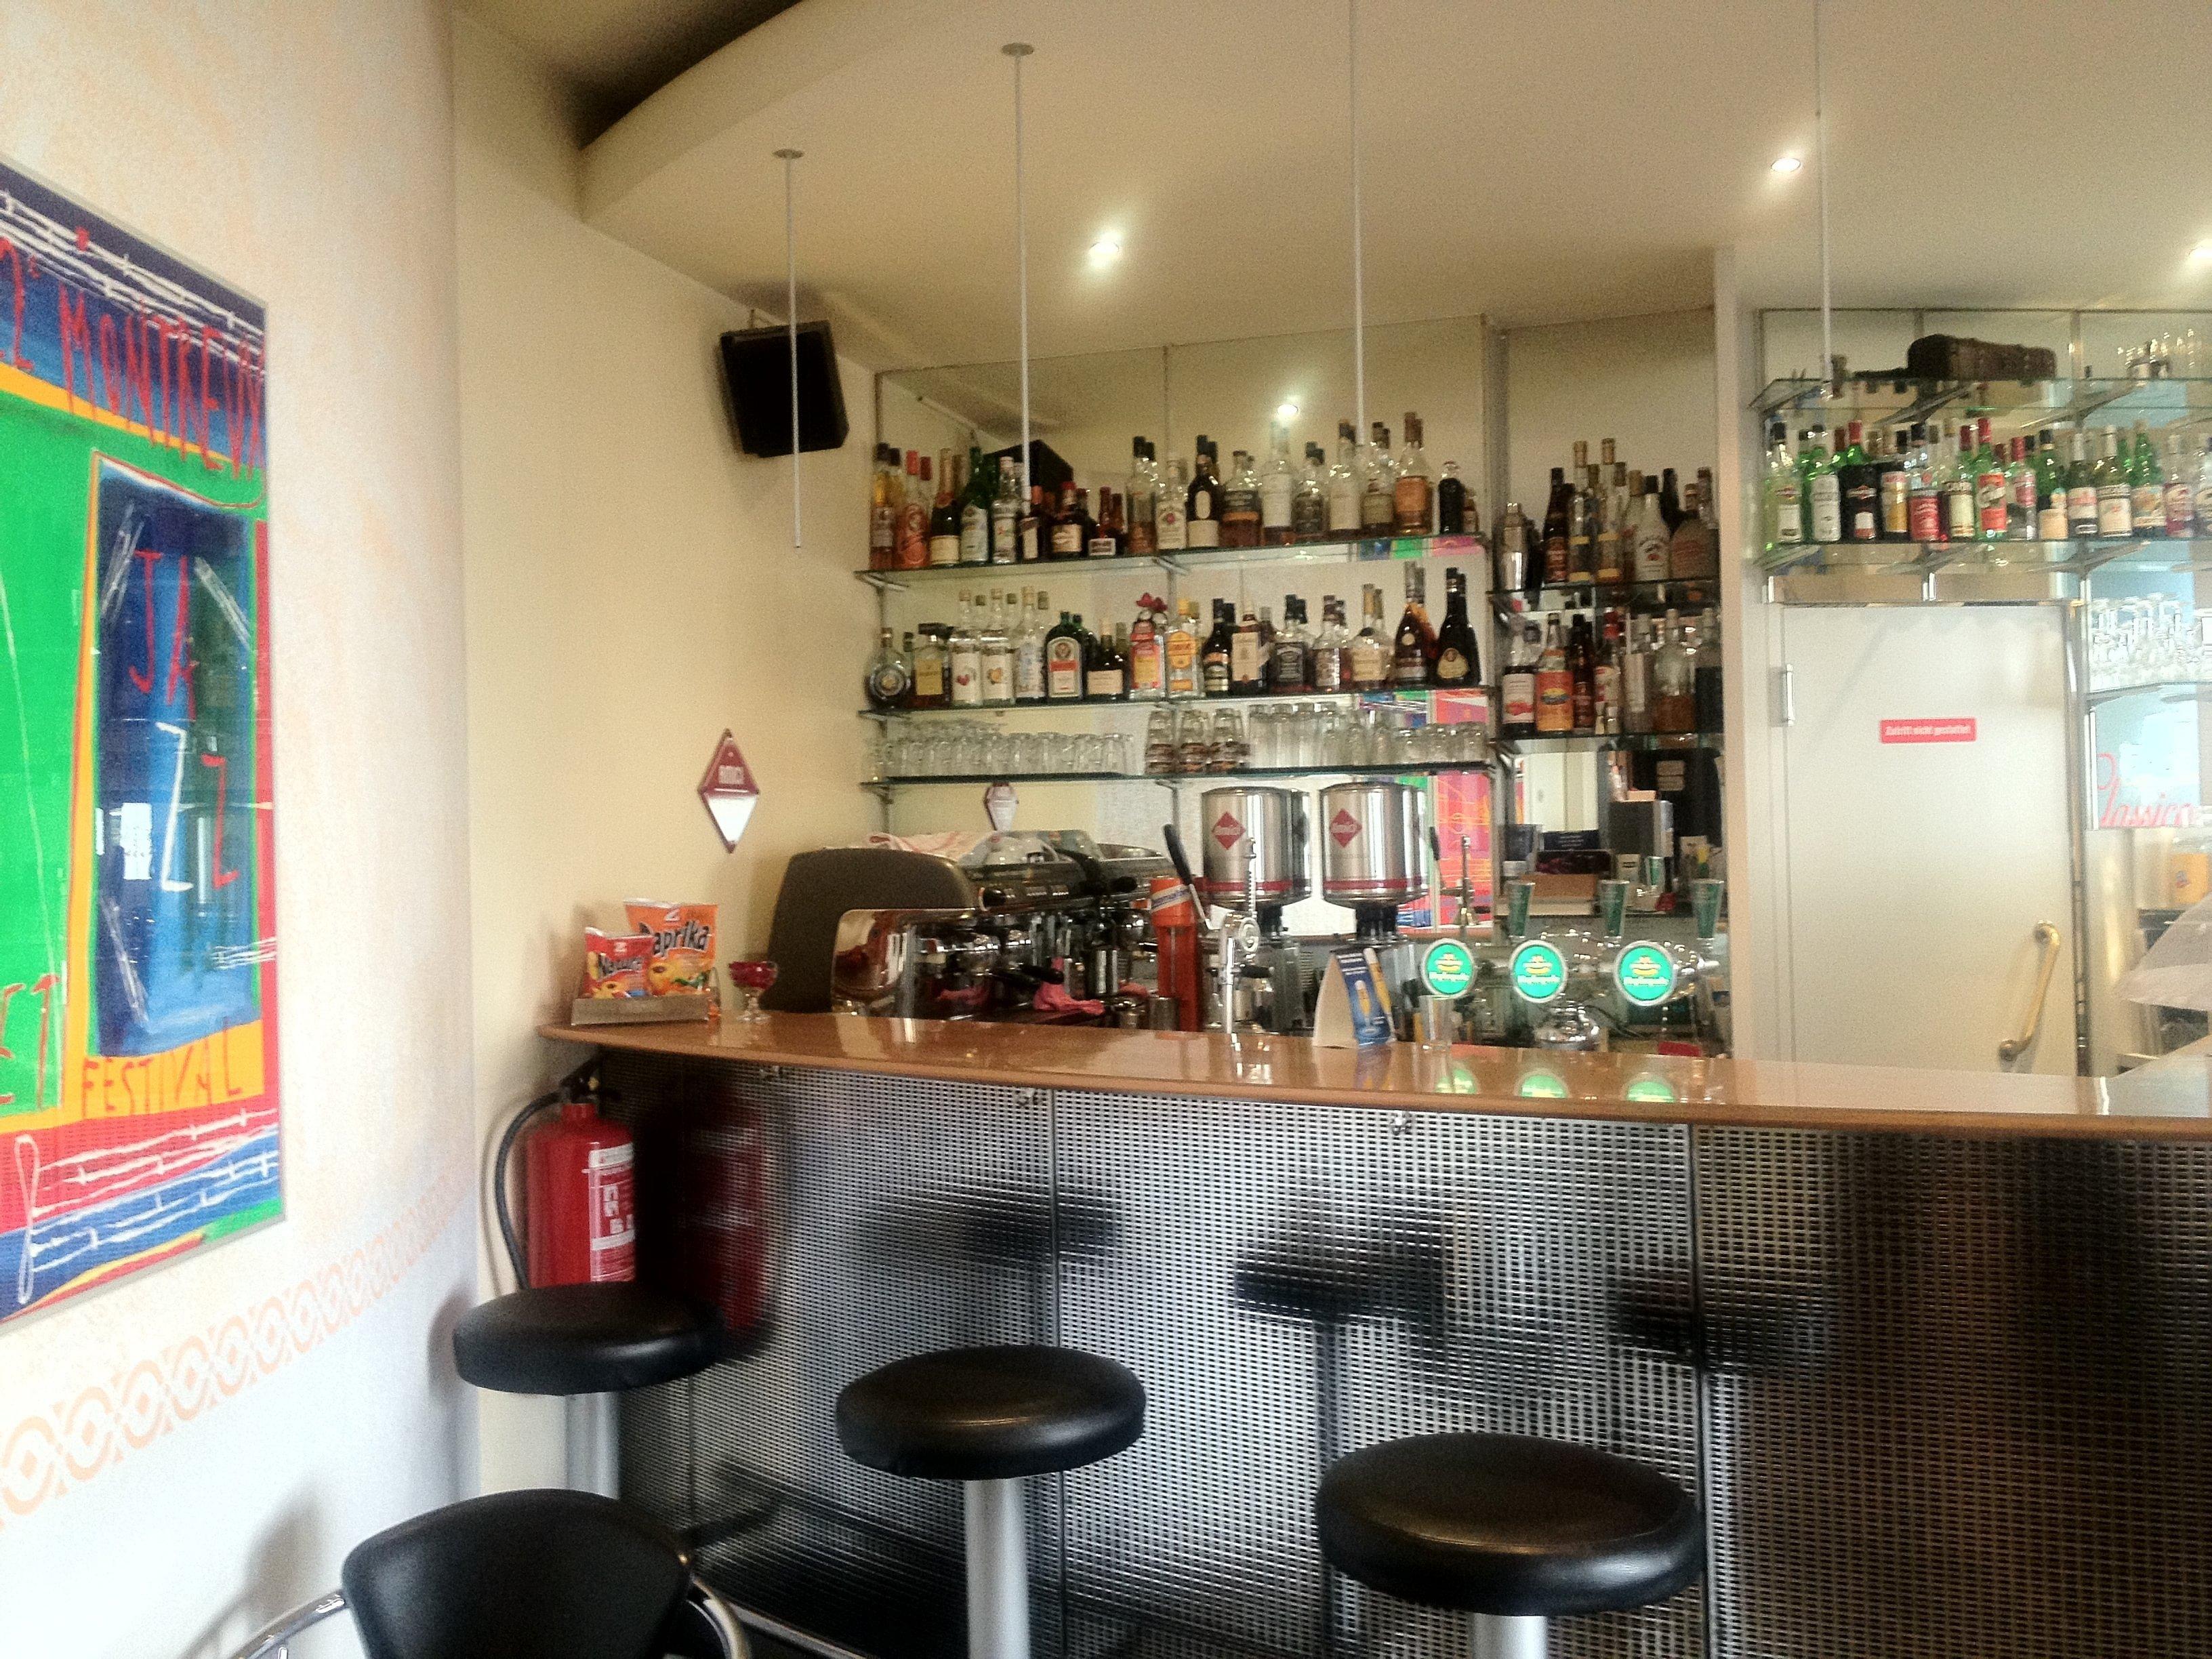 Cafe-Bar Classico in Basel - Adresse & Öffnungszeiten auf local.ch ...